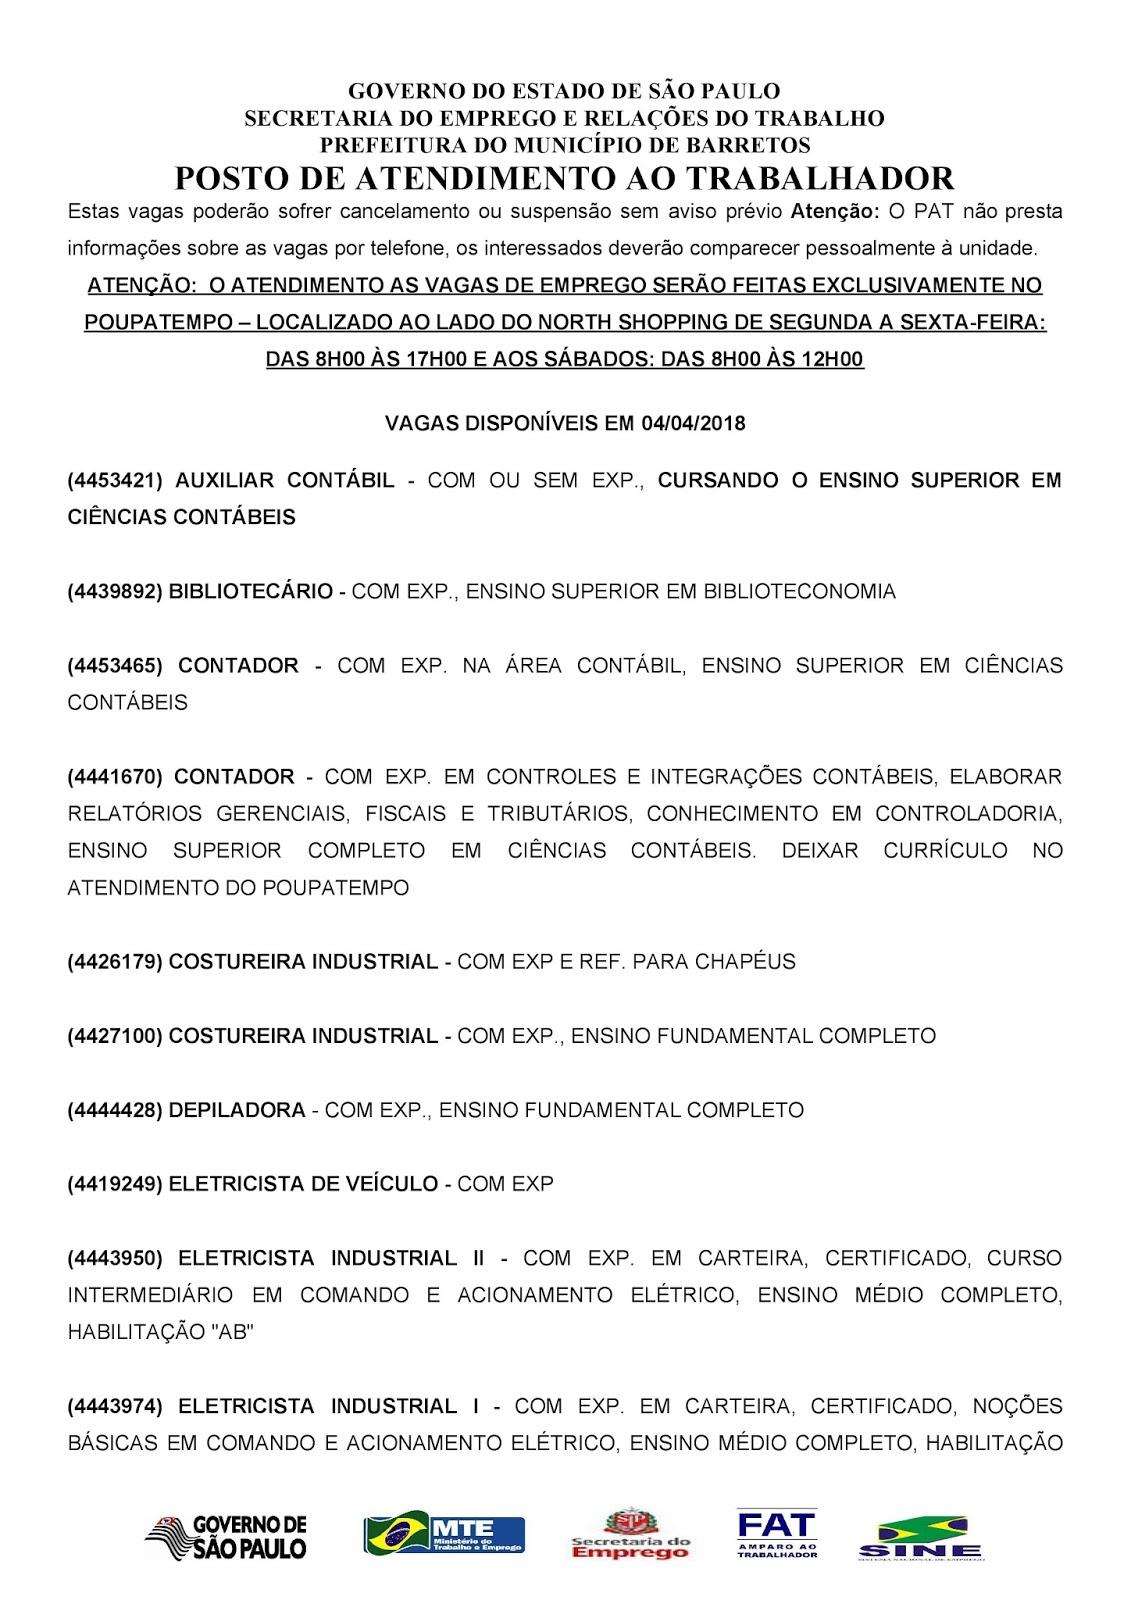 VAGAS DE EMPREGO DO PAT BARRETOS-SP PARA 04/04/2018 QUARTA-FEIRA - PARTE 1